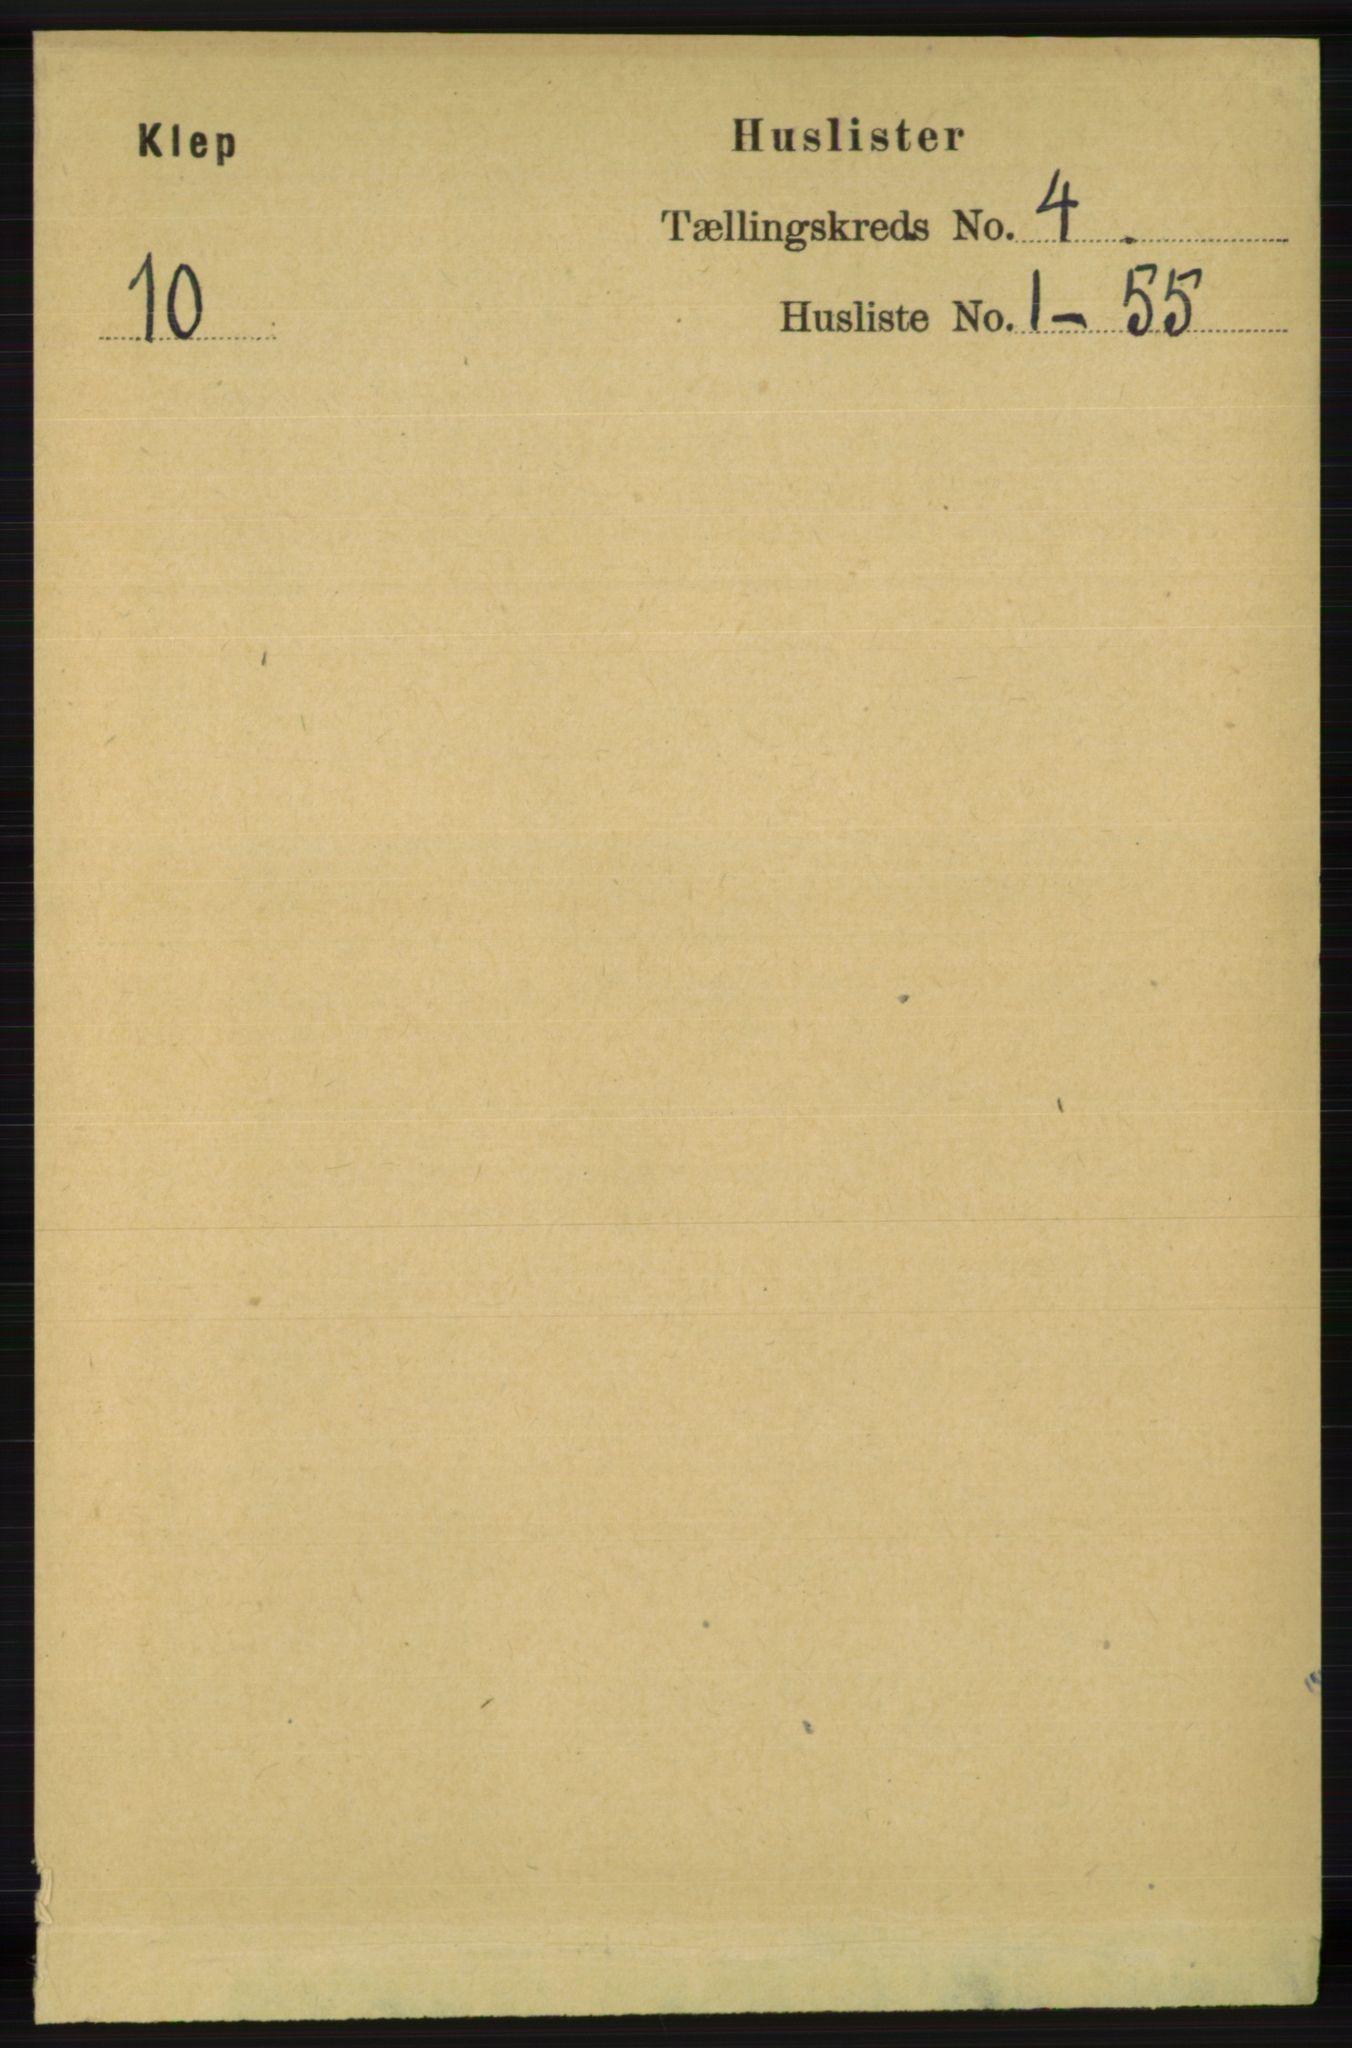 RA, Folketelling 1891 for 1120 Klepp herred, 1891, s. 891